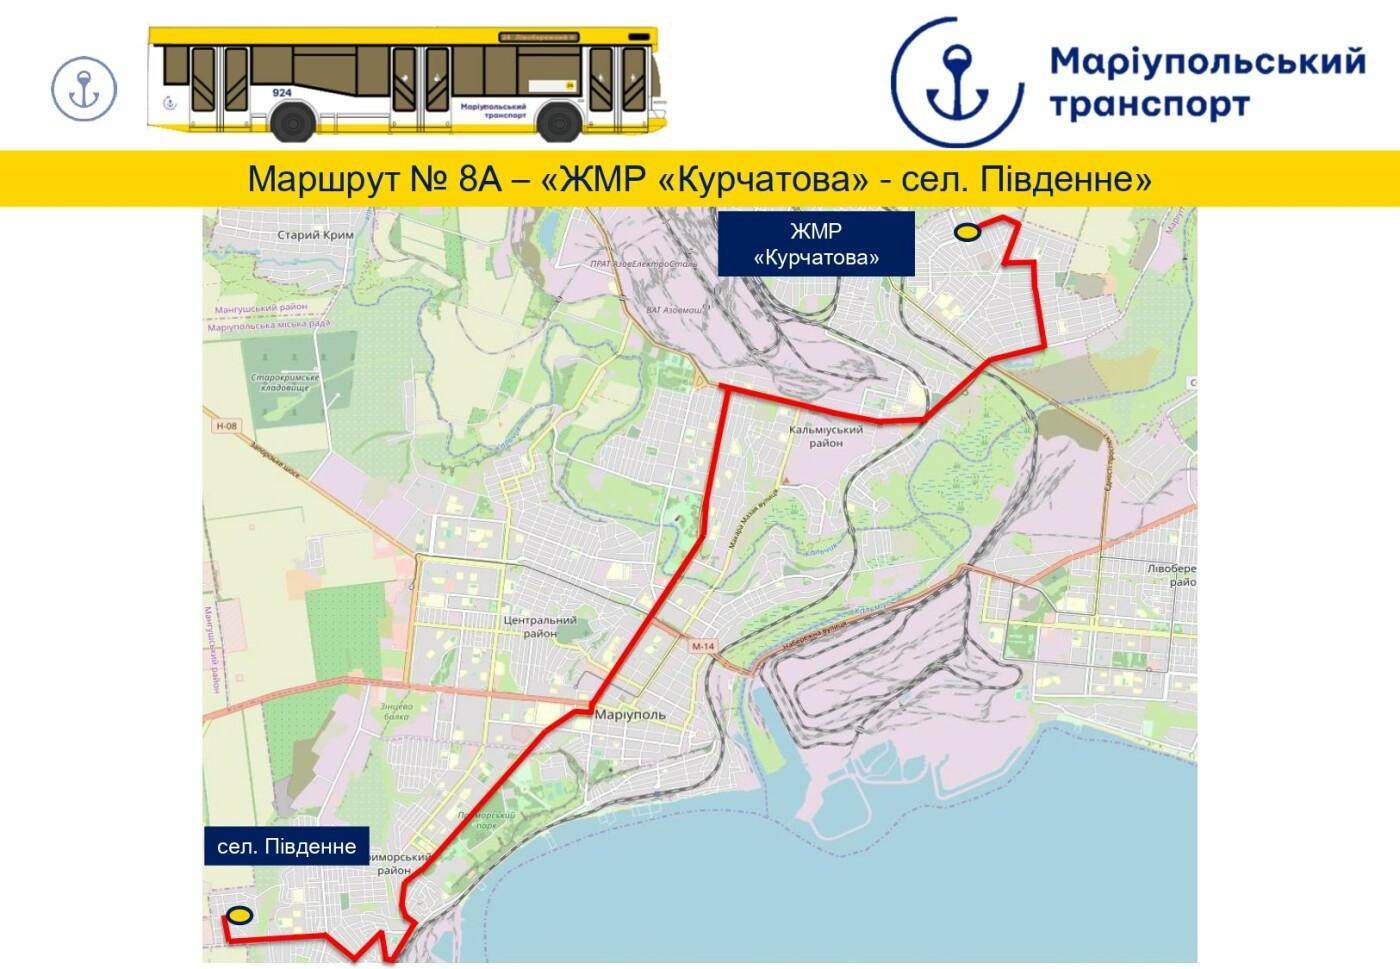 Перемены в транспорте: в Мариуполе отменили ряд маршрутных такси и изменили движение автобусов, фото-2